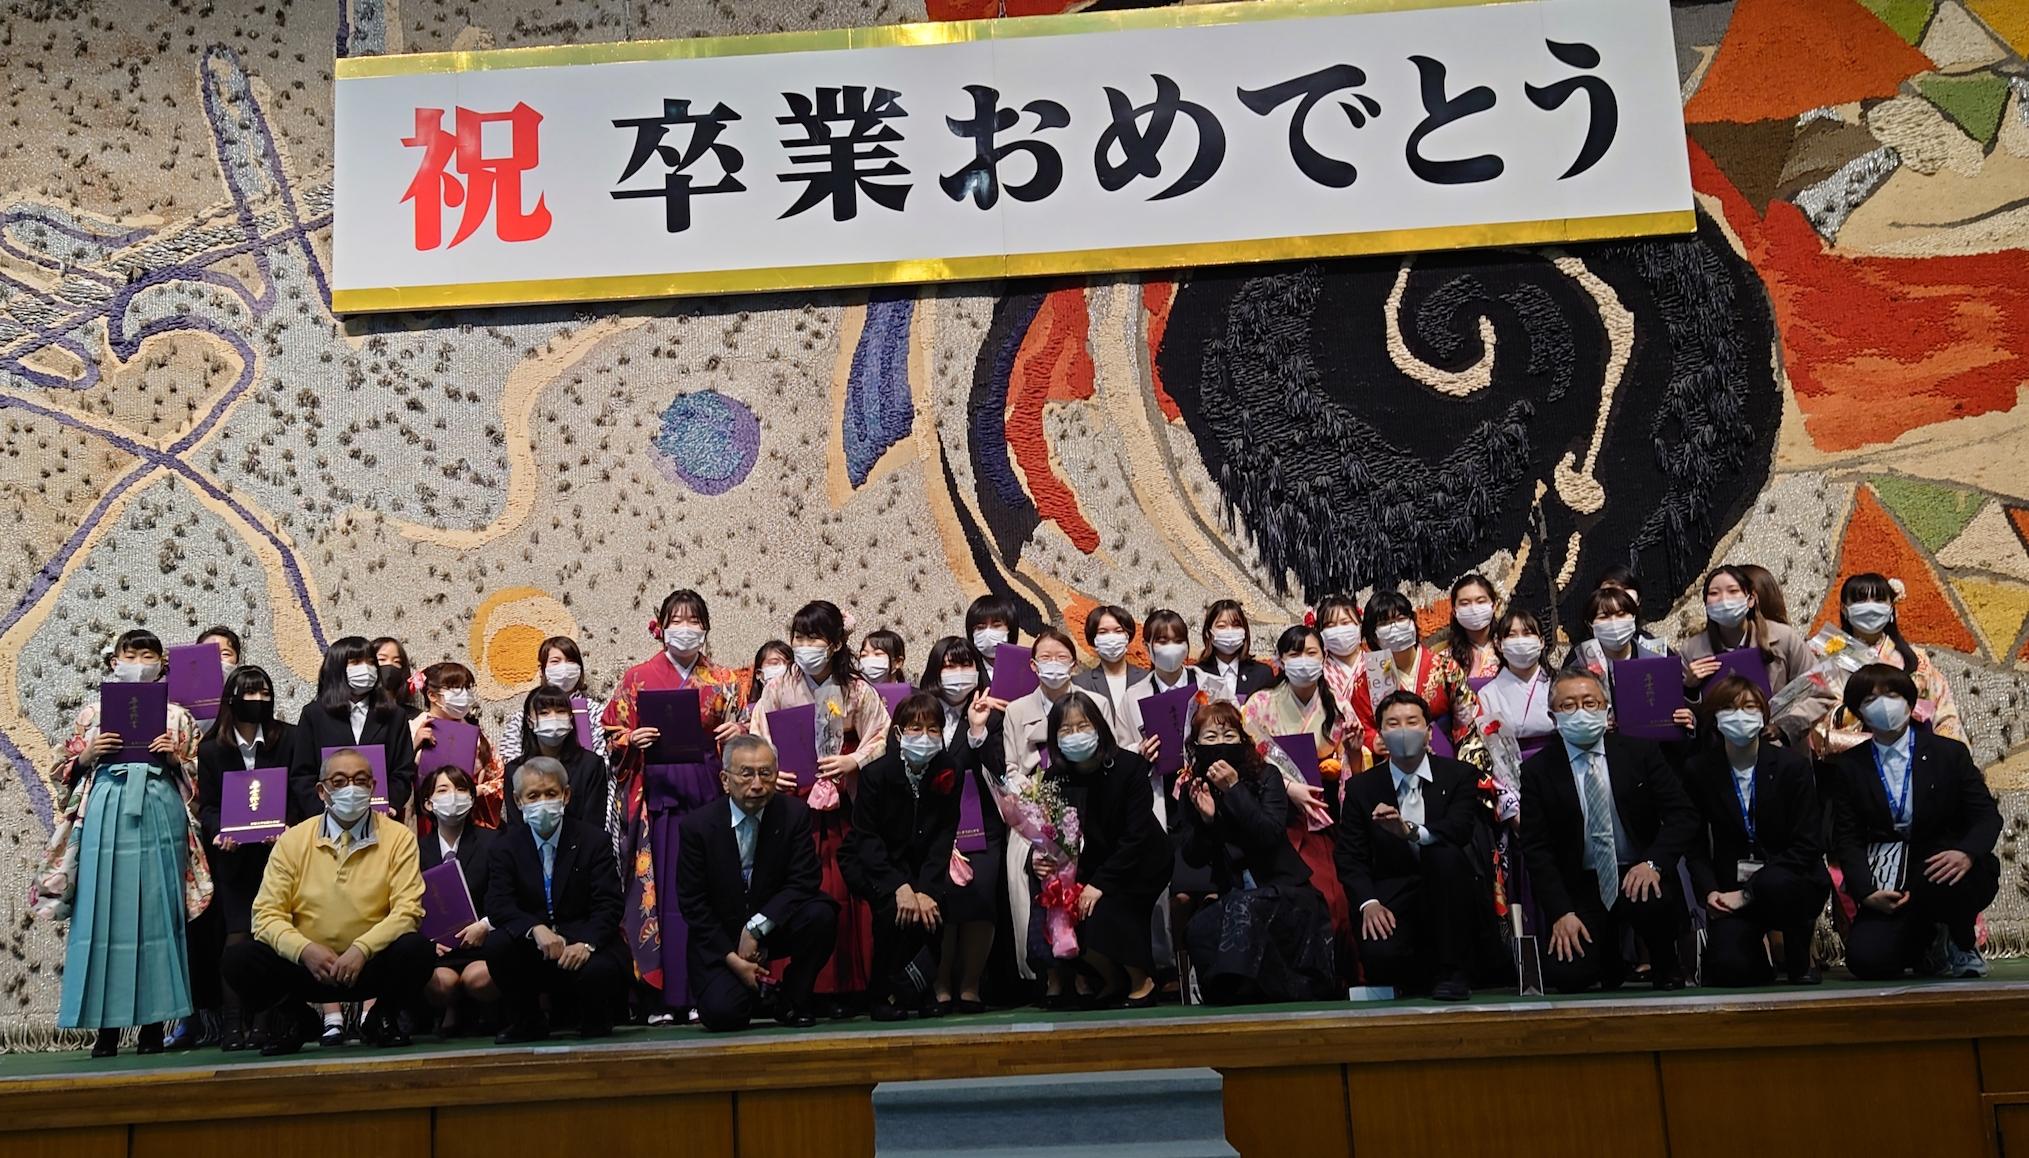 卒業生の皆さん、おめでとうございます!